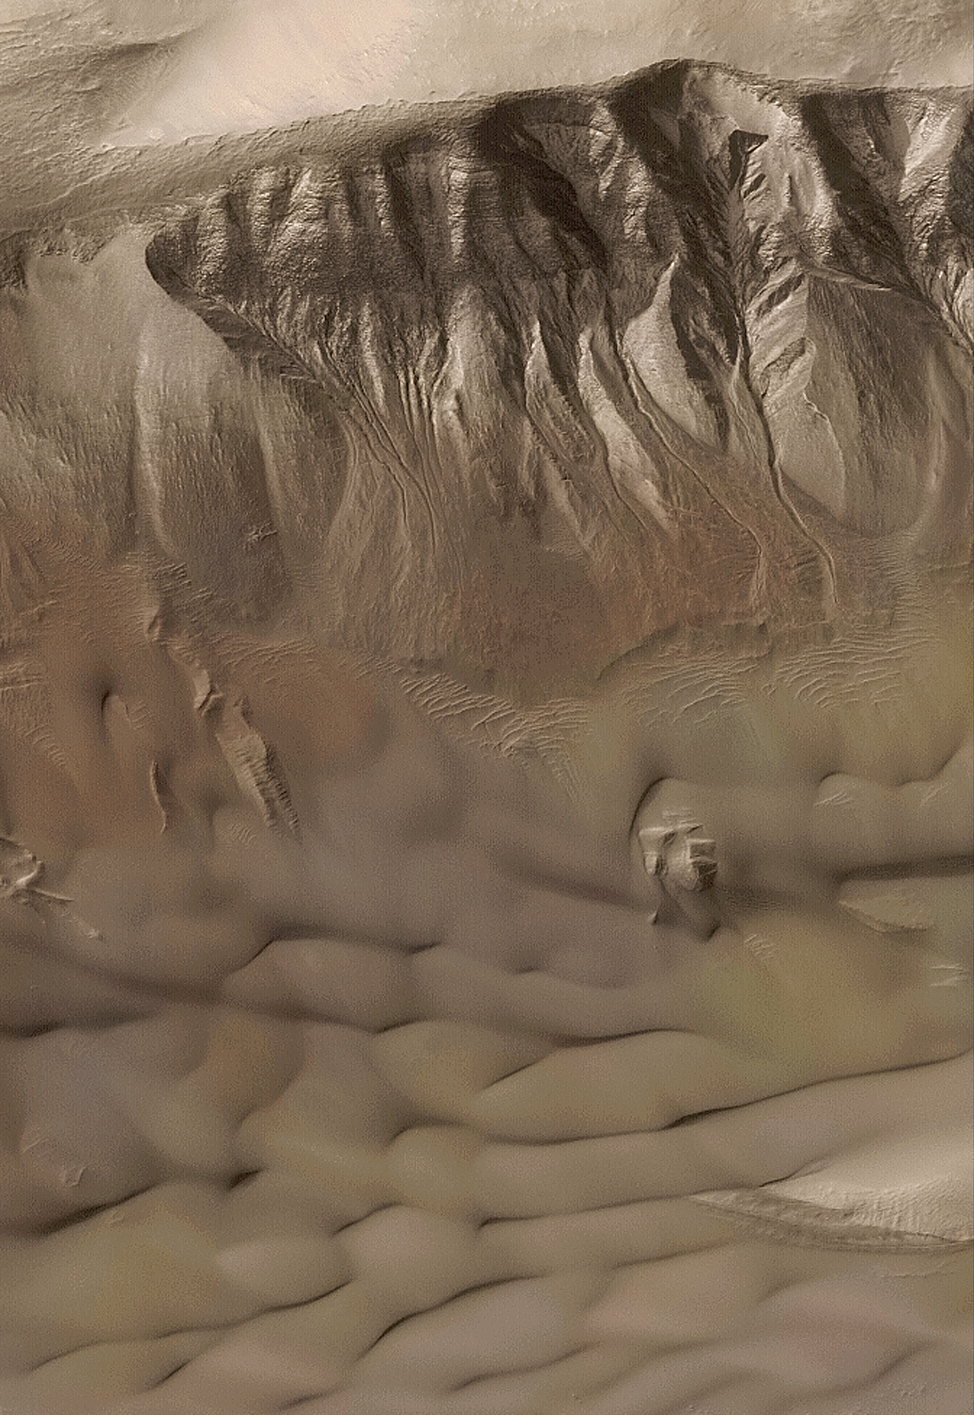 Des rigoles sur Mars